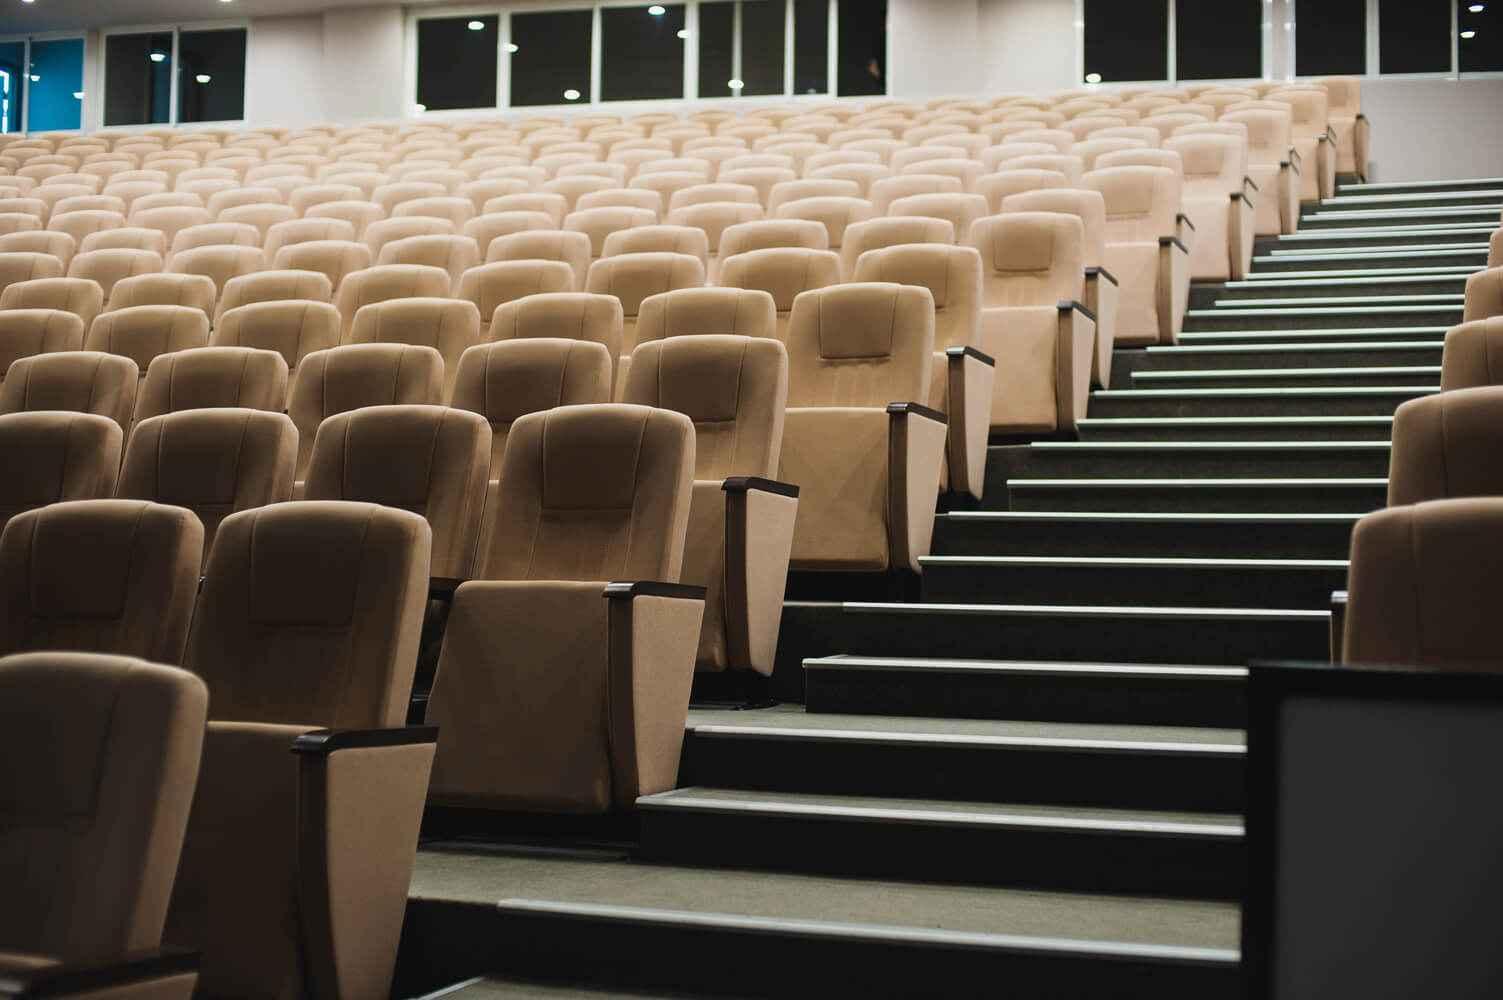 Киноконцертный зал в More Spa & Resort